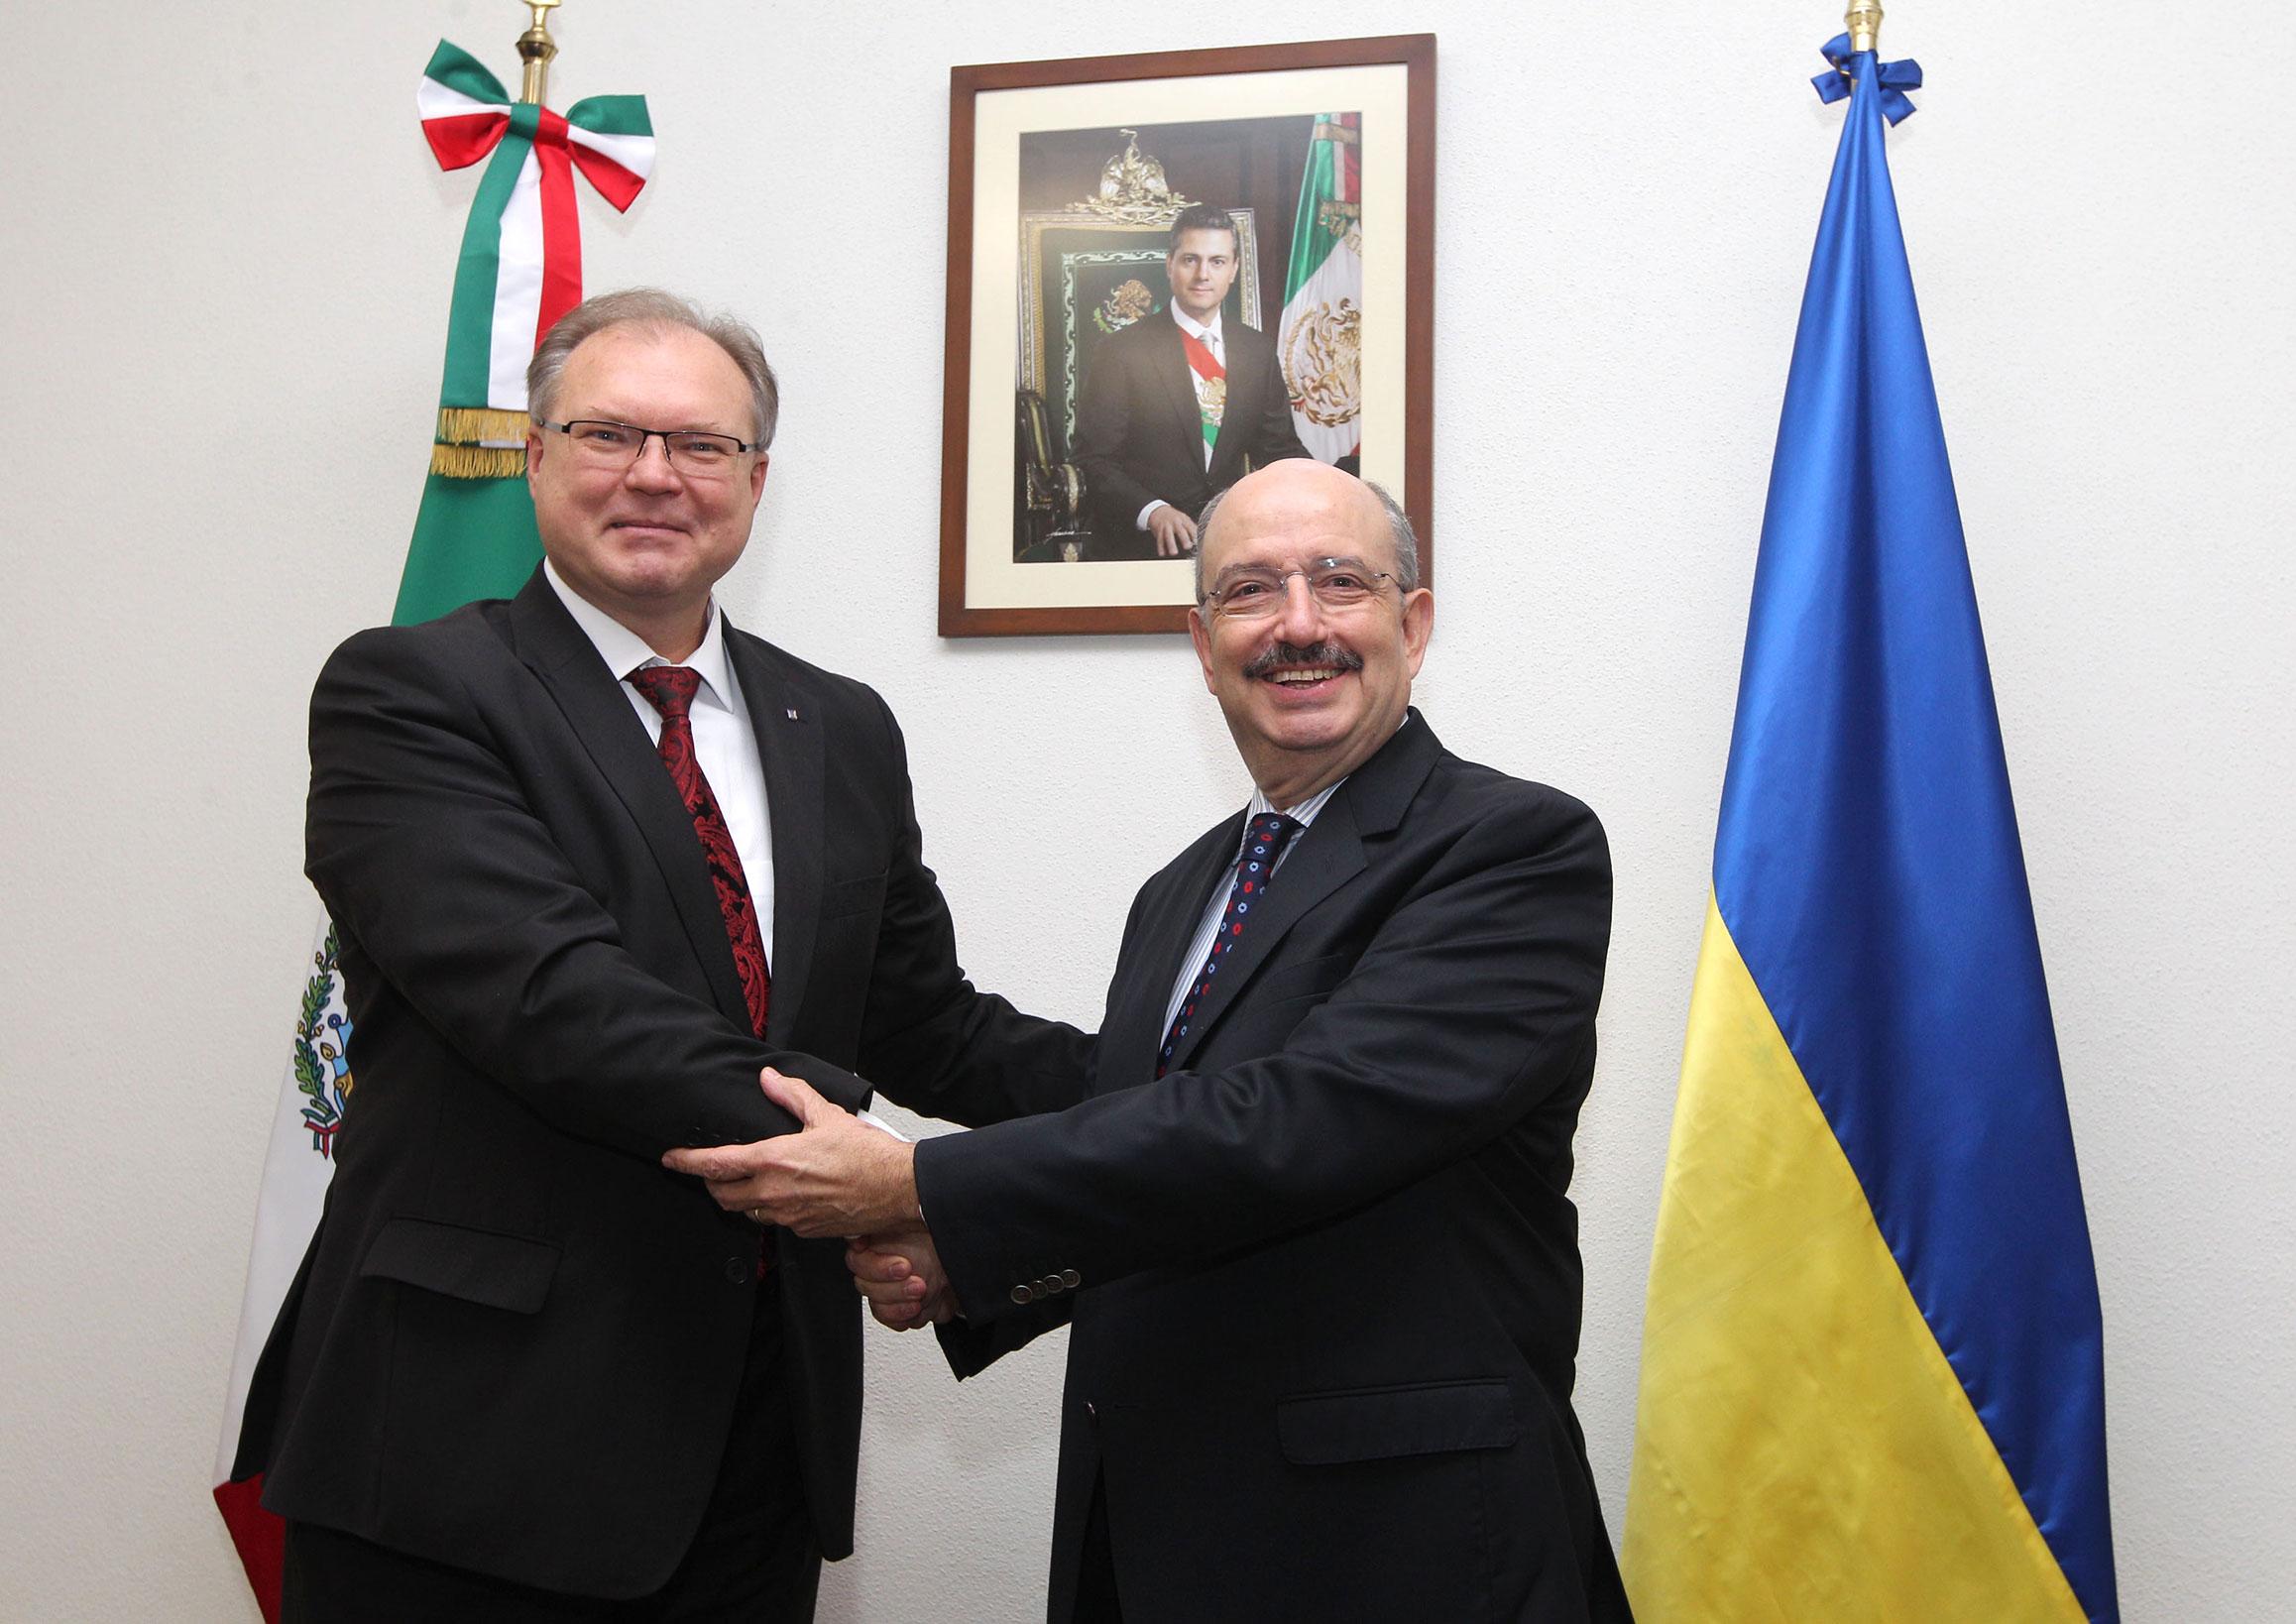 El embajador de Ucrania en México, Ruslán Spirin, y el subsecretario de Relaciones Exteriores, Carlos de Icaza